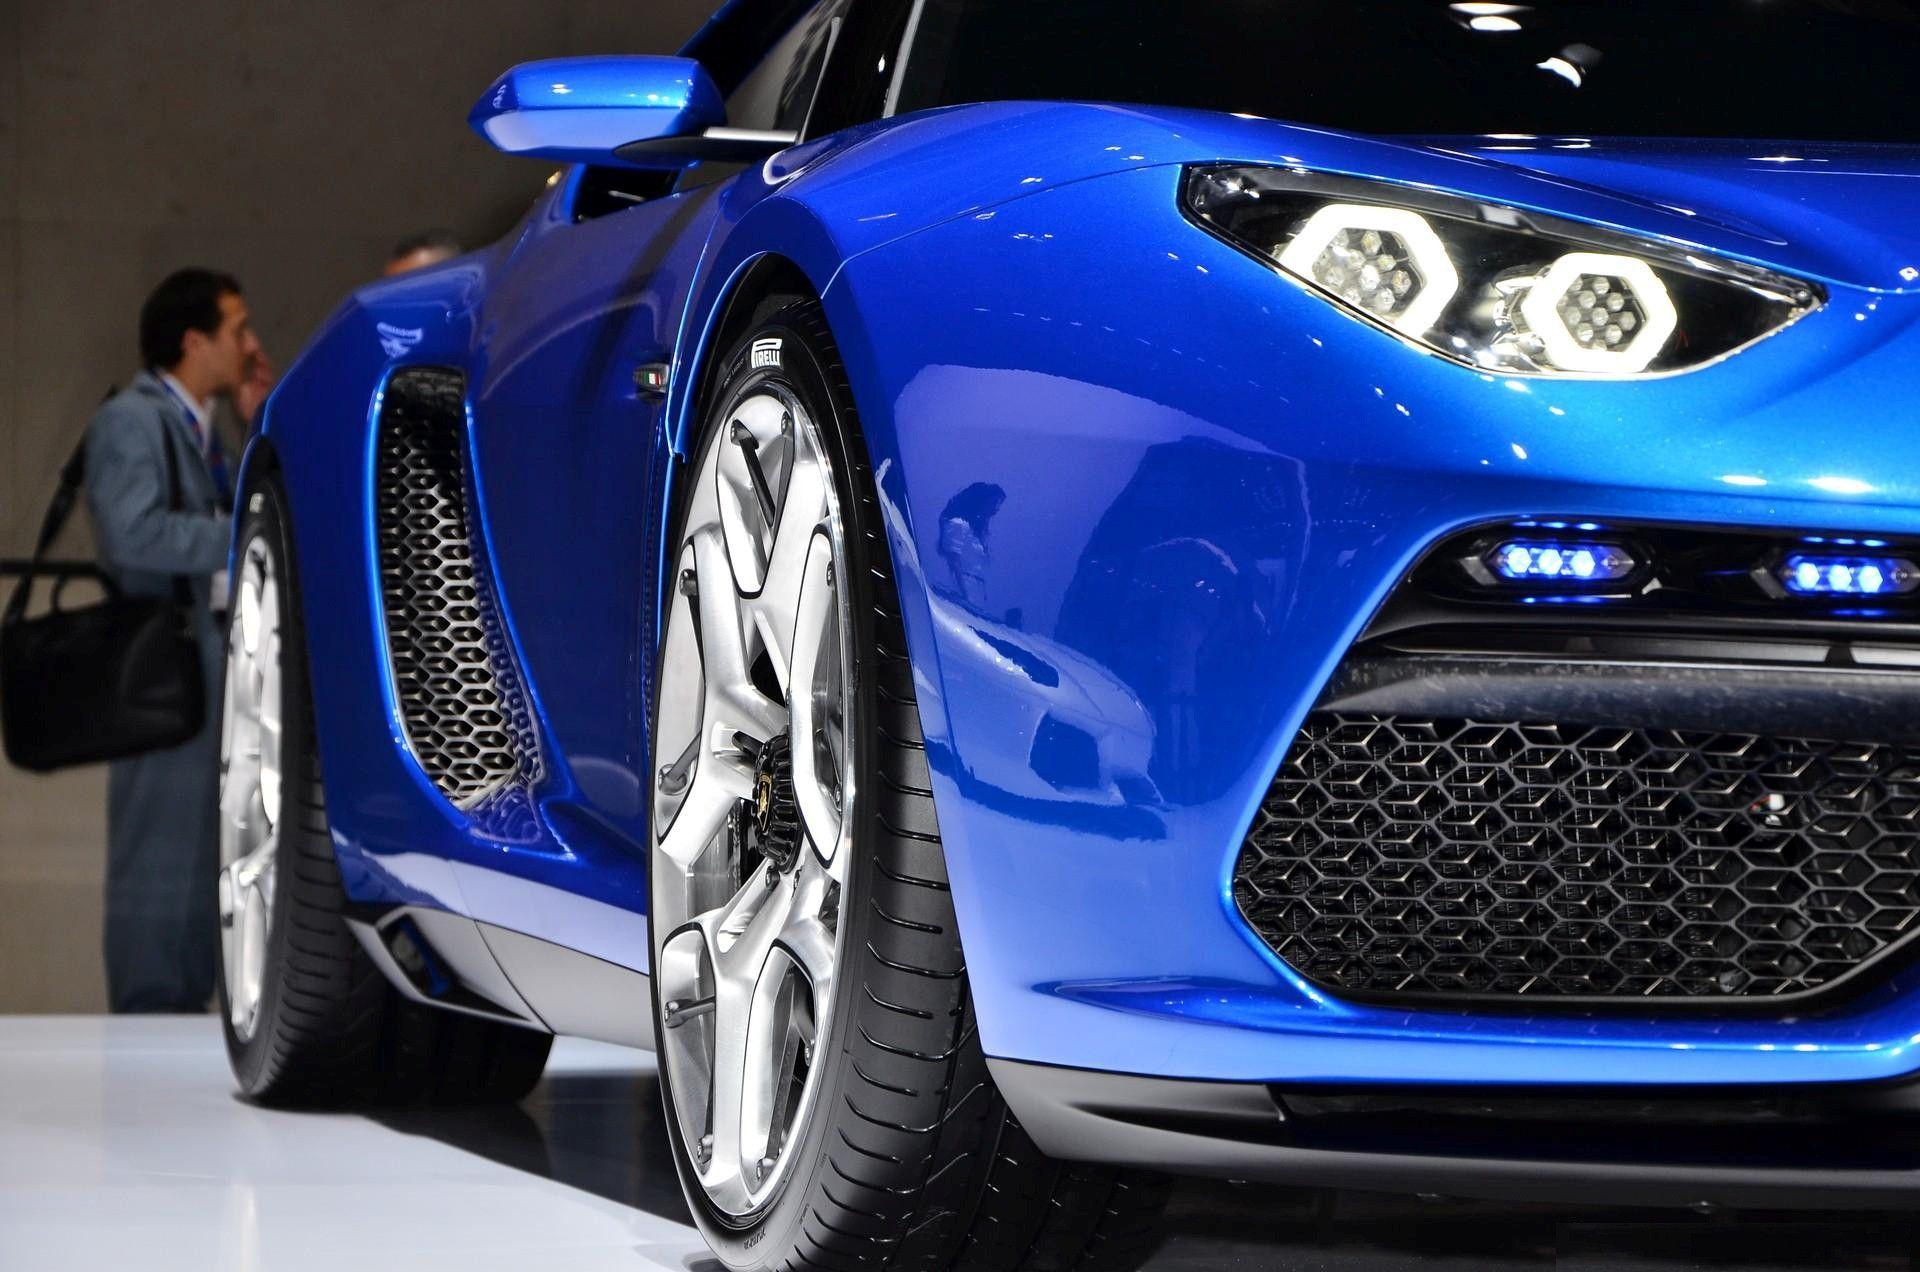 44f354df680263e3dc8c6840e6983be5 Exciting Lamborghini Huracán Lp 610-4 Cena Cars Trend